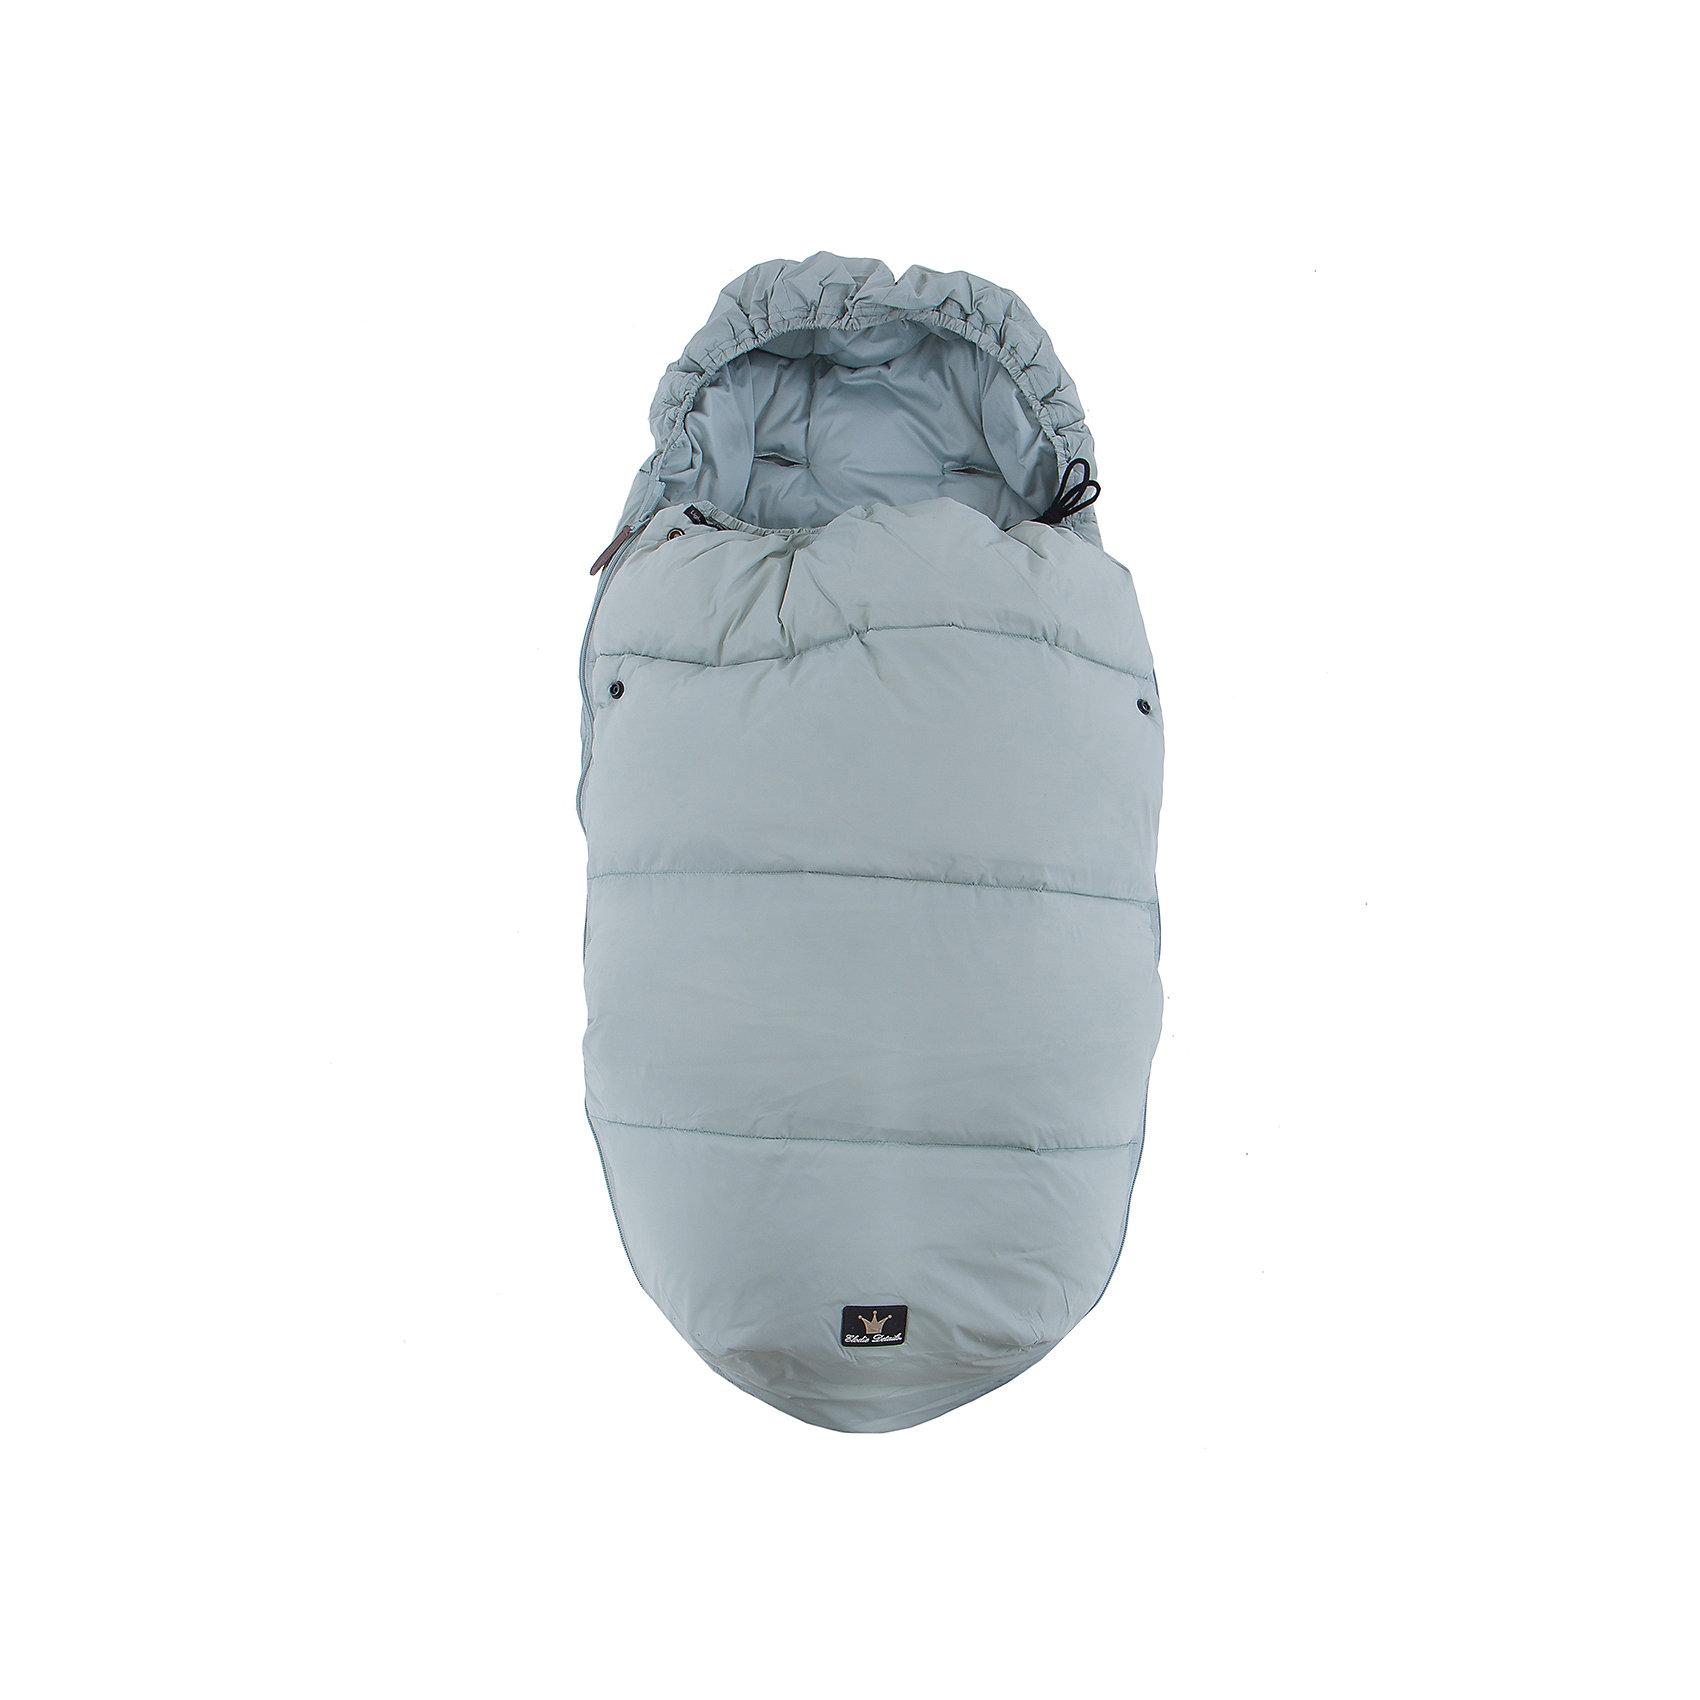 Конверт зимний пуховый Dusty Green, Elodie DetailsЗимние конверты<br>Конверт зимний пуховый Dusty Green, Elodie Details (Элоди Дитейлс)<br><br>Характеристики:<br><br>• водо- и ветронепроницаемый материал<br>• теплая флисовая подкладка<br>• верх-капюшон<br>• большая удобная молния<br>• прорези для 5-точечных ремней безопасности<br>• подходит для всех колясок, в том числе прогулочных<br>• компактен при хранении<br>• размер: 50х110 см<br>• материал: нейлон, полиэстер, гусиный пух<br>• подходит для ручной и автоматической стирки<br><br>Мороз - не повод лишать малыша прогулок на свежем воздухе. Теплый и уютный конверт Elodie Details защитит кроху от холода и ветра. Прочный верхний слой из нейлона не допустит попадания влаги и не пропустит холодный воздух внутрь. Наполнитель из гусиного пуха согреет ребенка и сохранит тепло в течение всей прогулки. Верх конверта можно использовать как капюшон, чтобы защитить голову ребенка от холодного и сильного ветра. Модель оснащена прорезями для пятиточечных ремней безопасности, благодаря чему подходит практически к любым коляскам, включая прогулочные. Конверт очень компактен при хранении и помещается в небольшой мешочек(входит в комплект). Конверт Elodie Details создан специально для заботы о малыше во время долгих прогулок!<br><br>Конверт зимний пуховый Dusty Green, Elodie Details (Элоди Дитейлс) вы можете купить в нашем интернет-магазине.<br><br>Ширина мм: 1100<br>Глубина мм: 530<br>Высота мм: 60<br>Вес г: 507<br>Возраст от месяцев: 0<br>Возраст до месяцев: 12<br>Пол: Унисекс<br>Возраст: Детский<br>SKU: 4966163